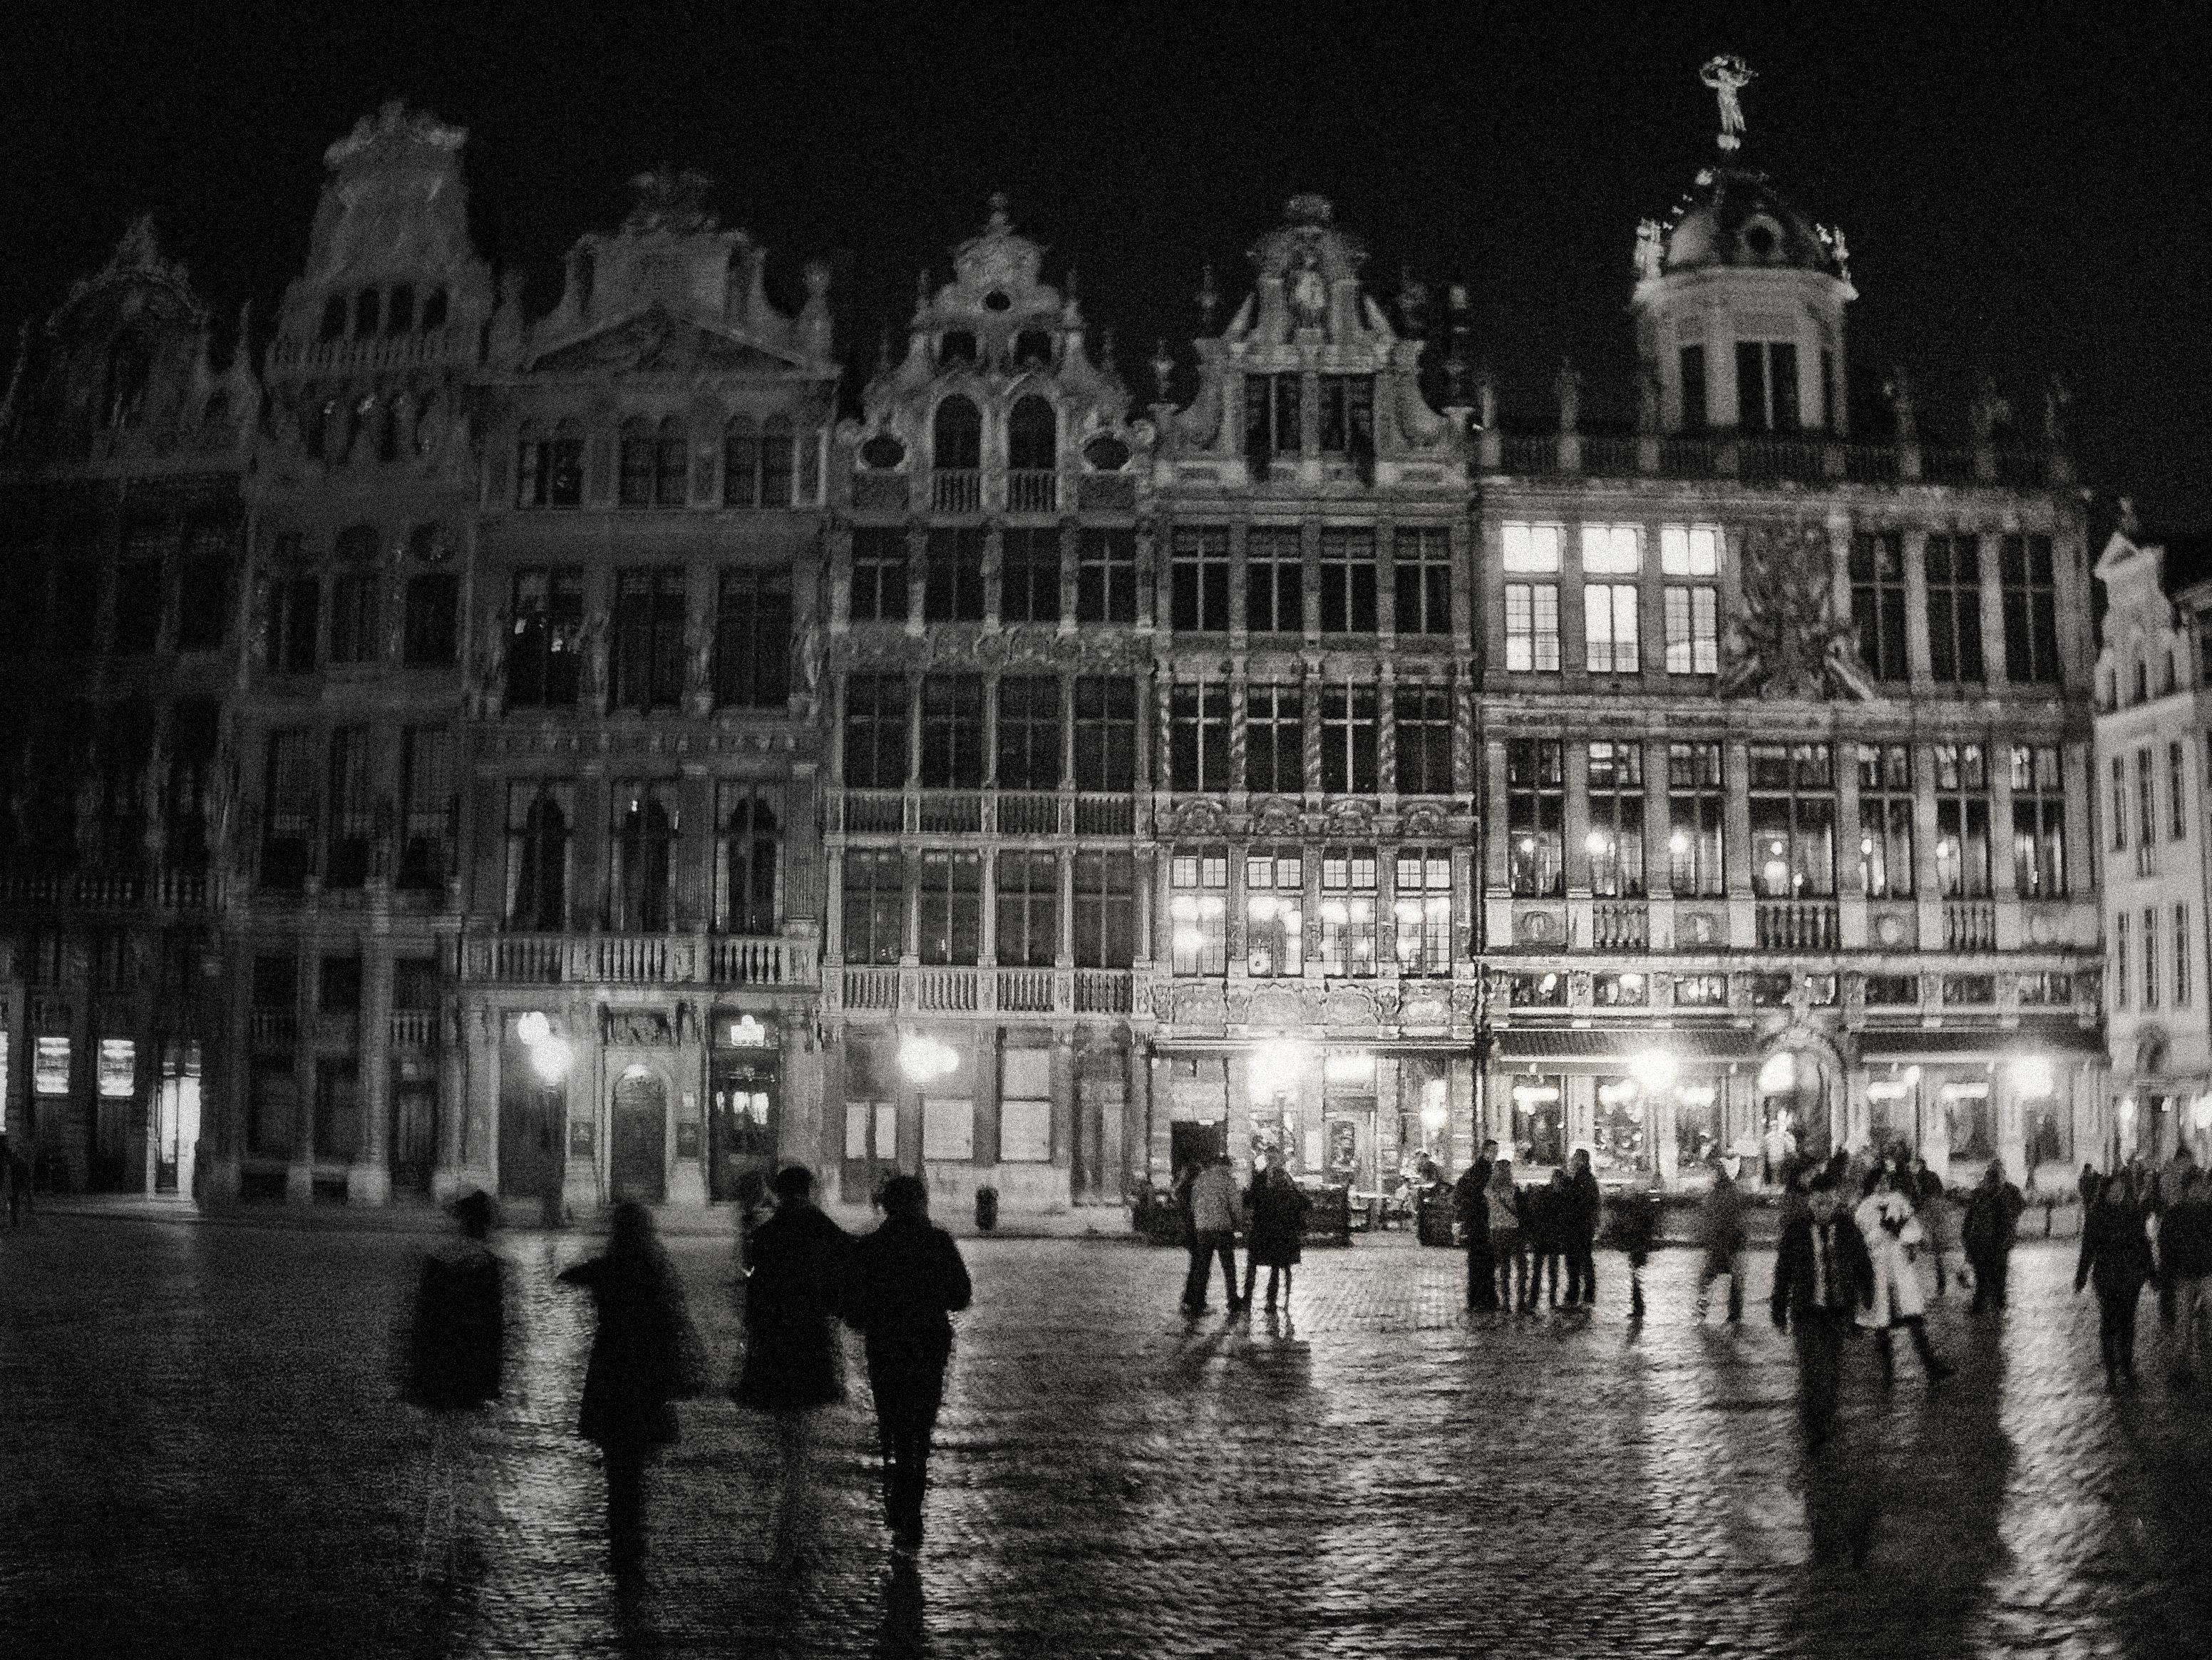 Cae la noche en la plaza central de Bruselas. Bélgica.